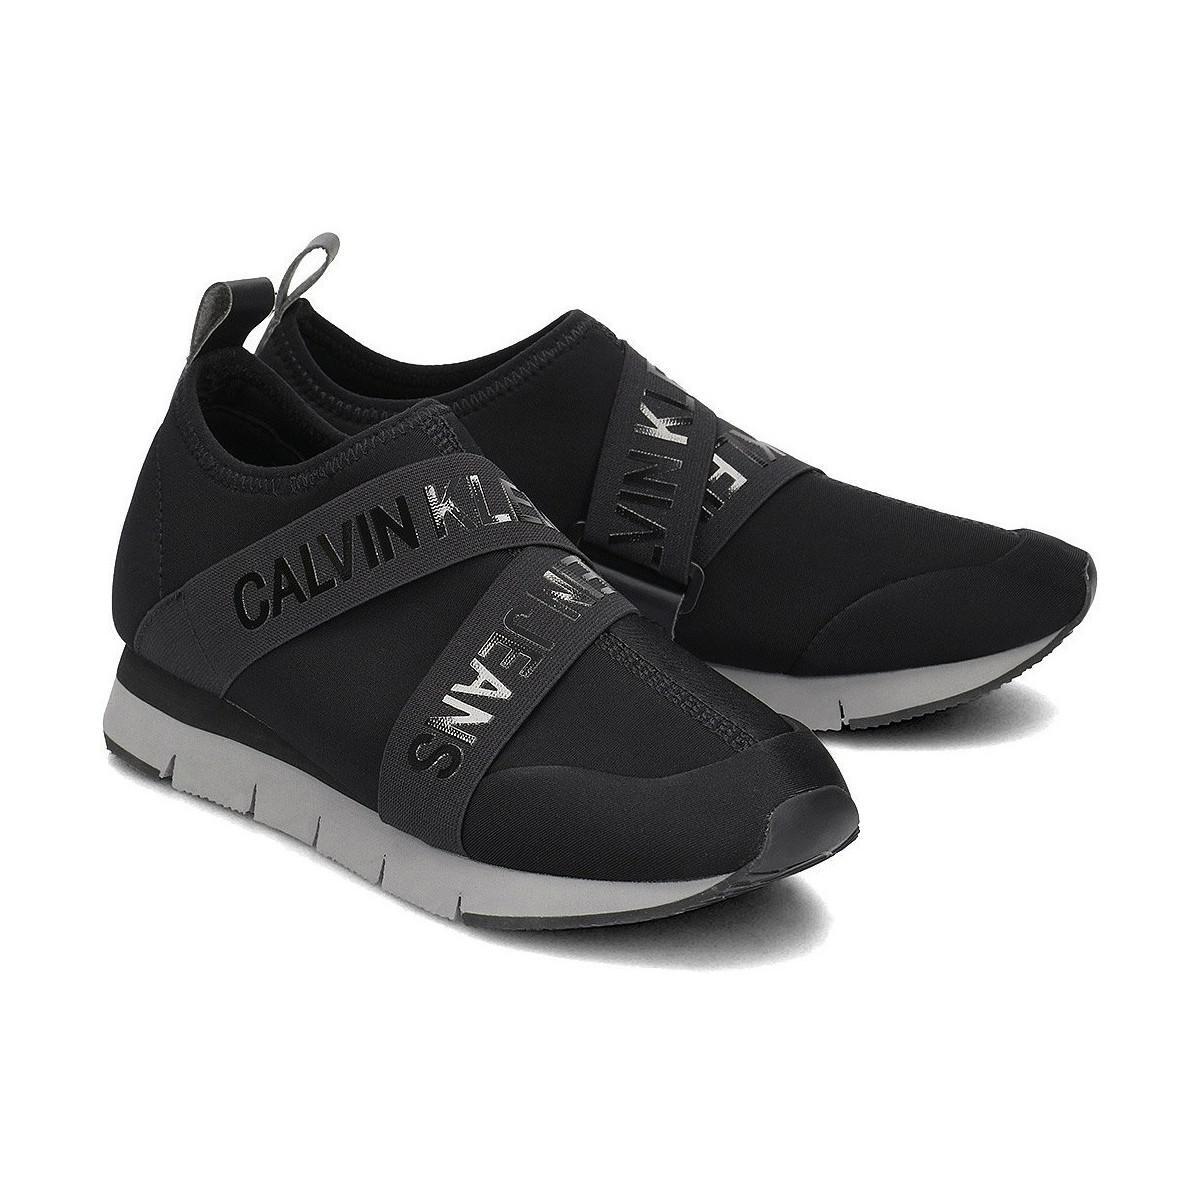 meilleur endroit moins cher parcourir les dernières collections RE9787 femmes Chaussures en Noir Calvin Klein en coloris Black